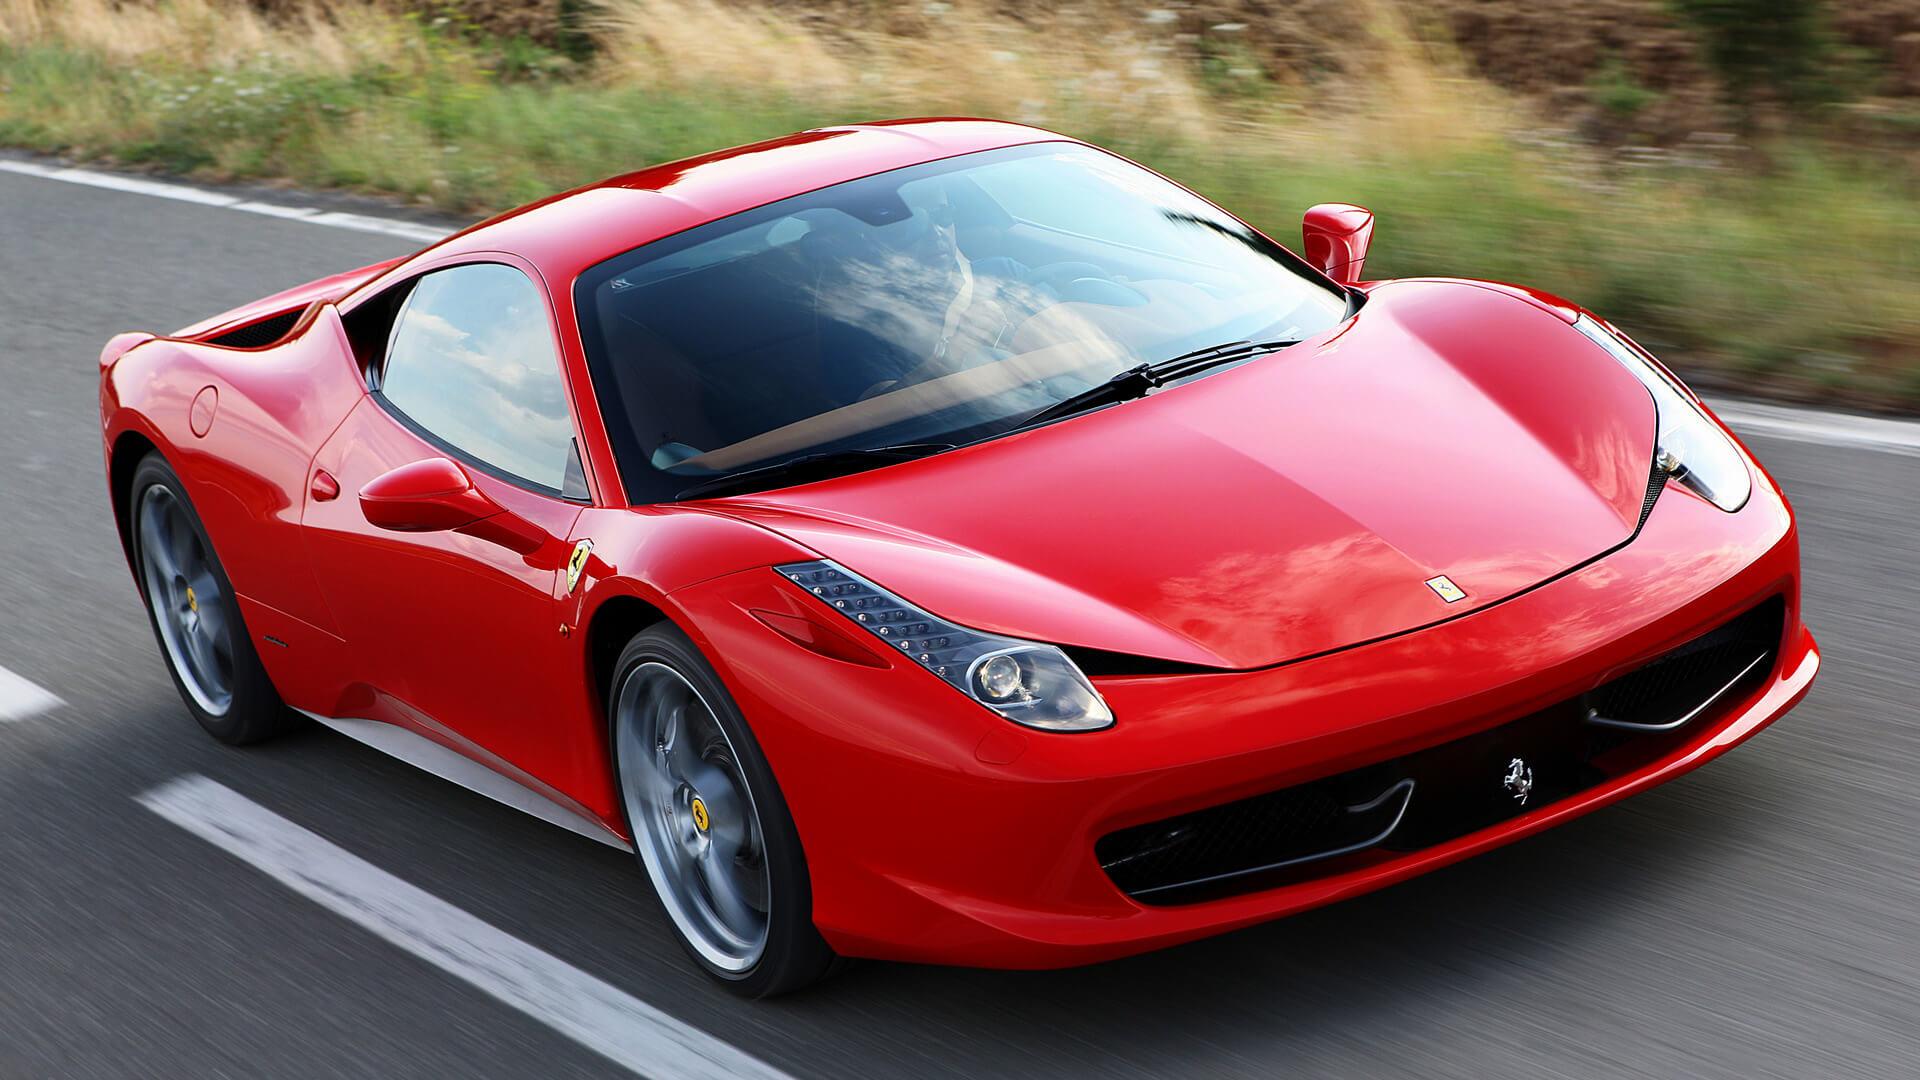 У нардепов обнаружили Tesla, Ferrari и Maserati: кто из Рады ездит на суперкарах 2